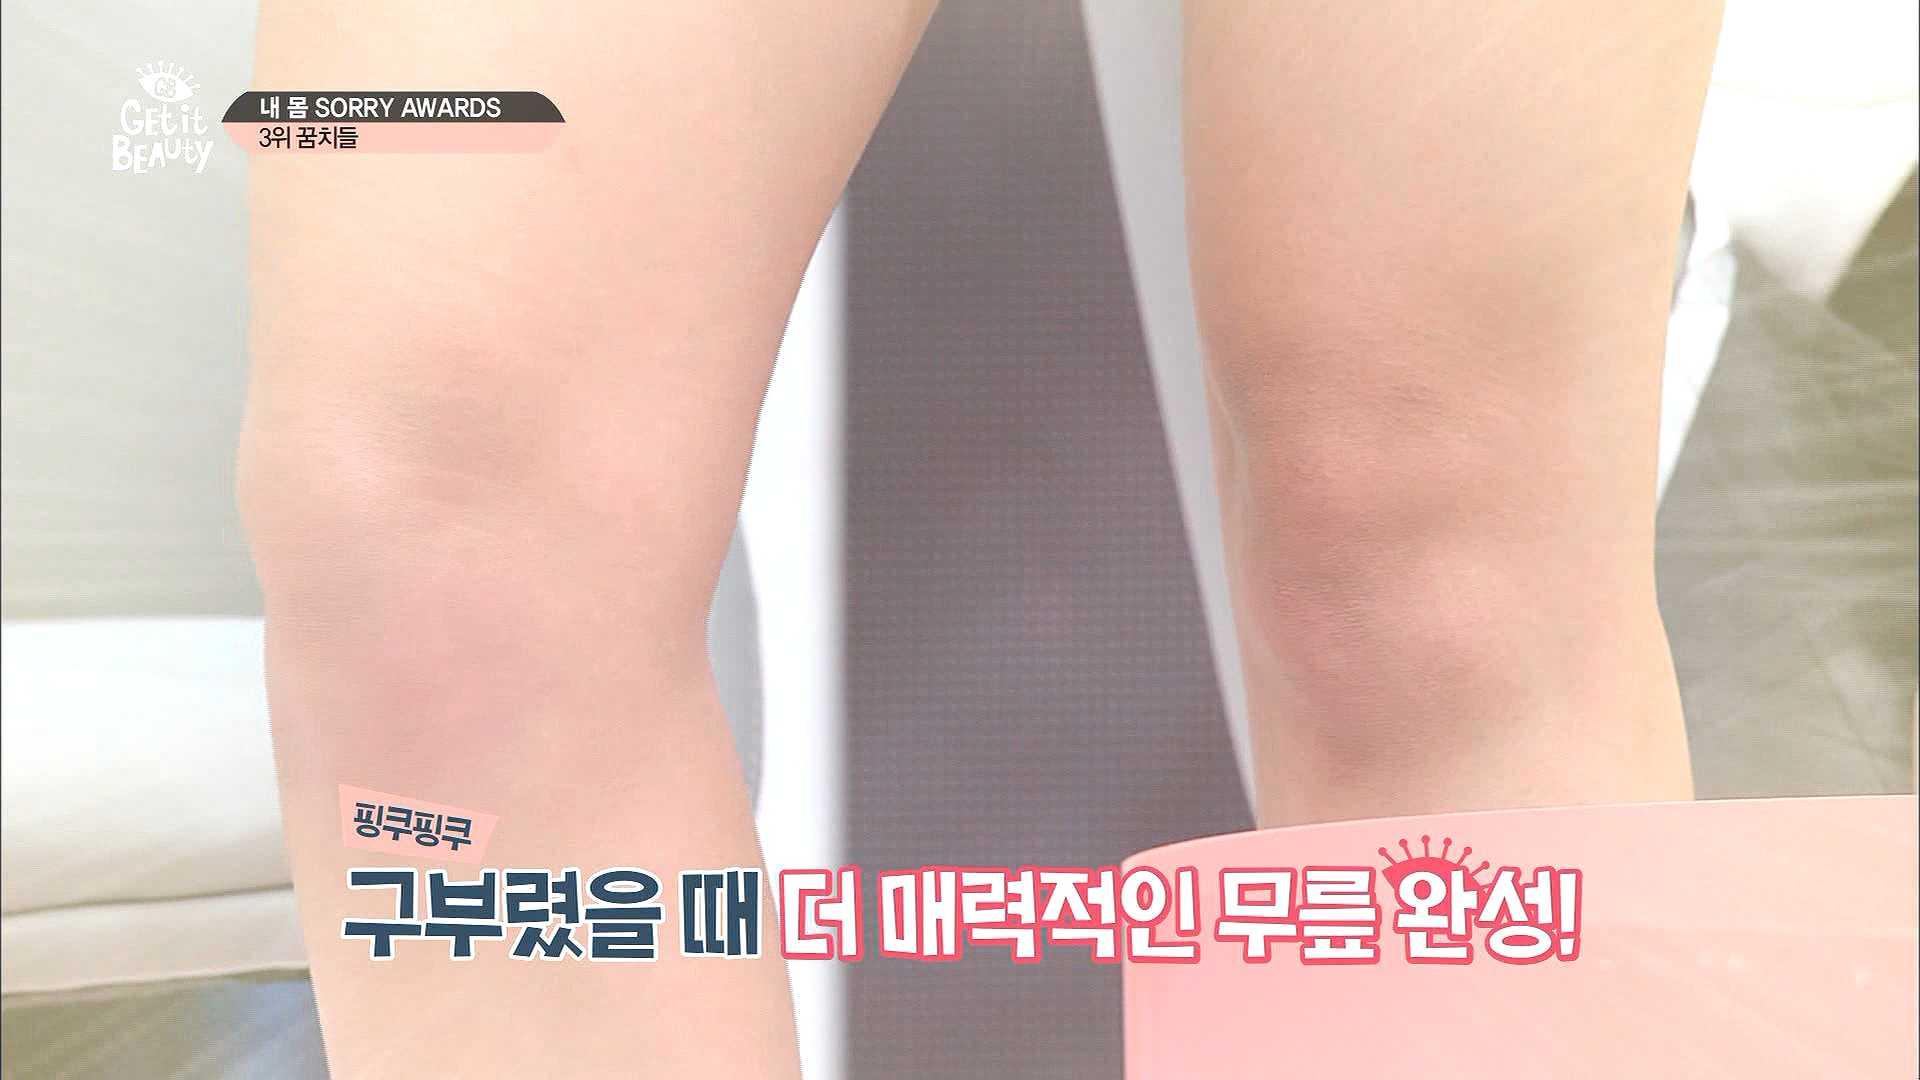 아이 핑쿠핑쿠해~~♥ 구부렸을 때 더 매력적인 무릎 완성!!